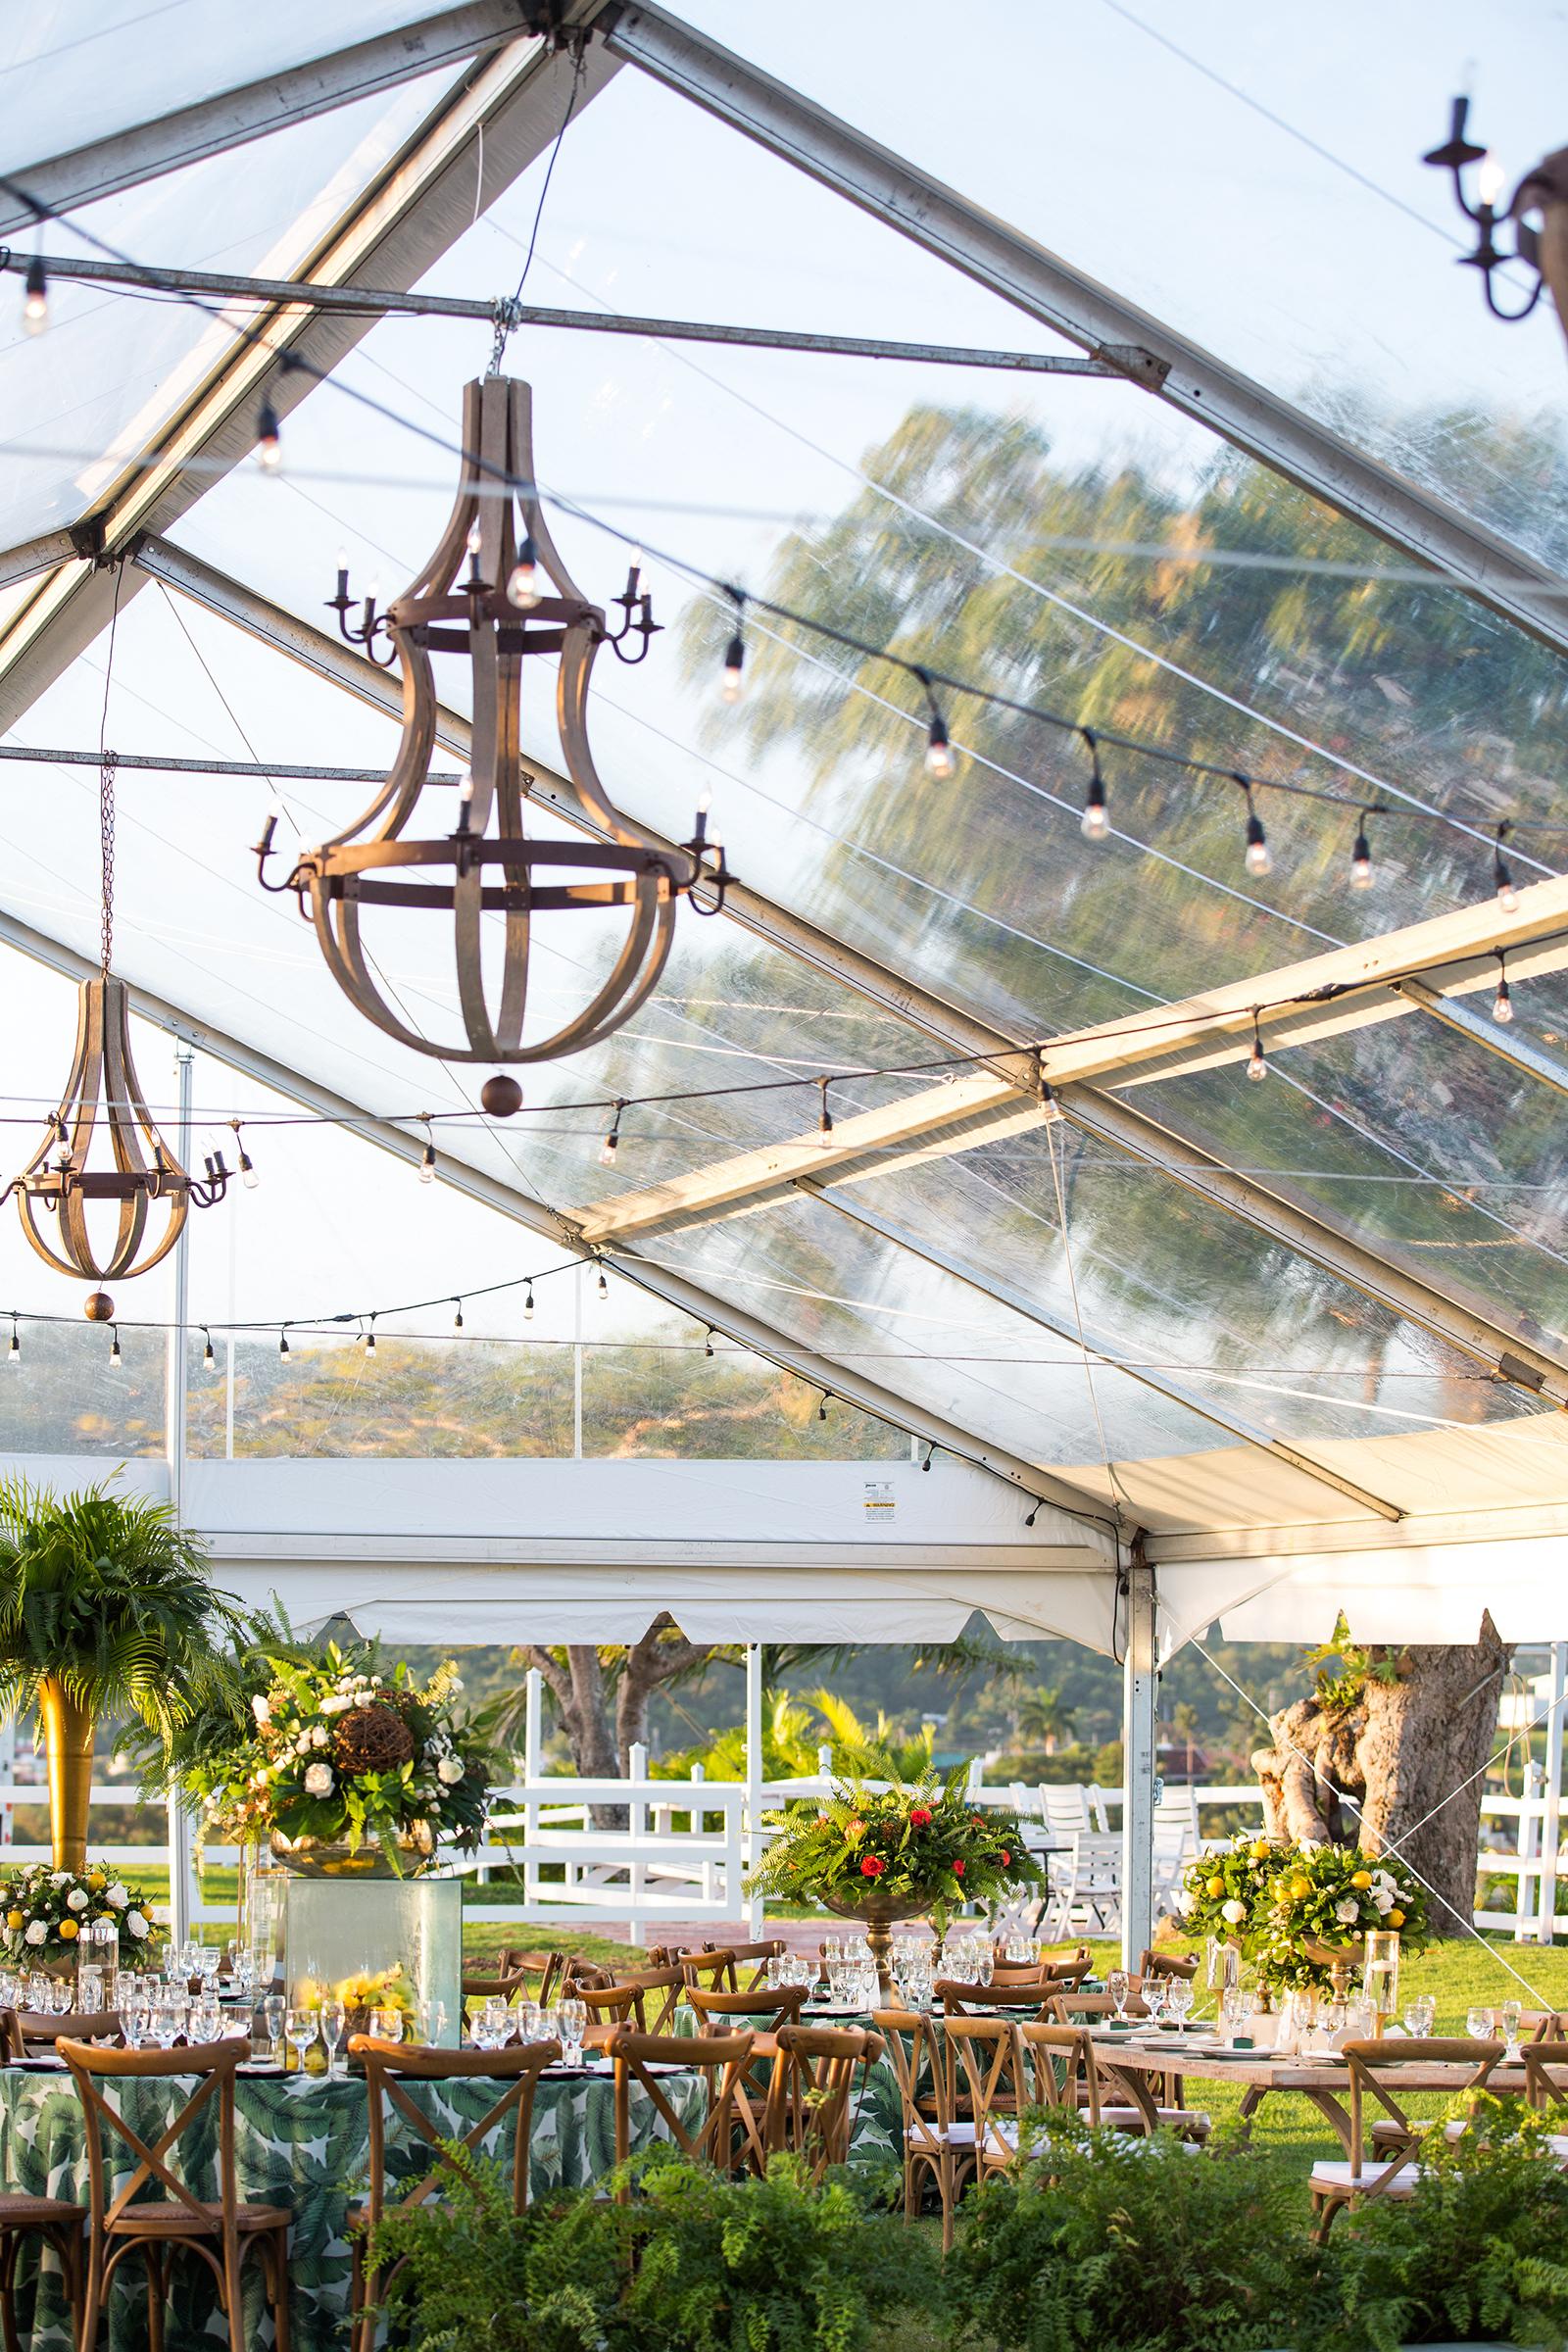 La decoración, de Pedro Omar Velázquez tuvo como eje central una enorme carpa transparente con candelabros rústicos en madera y plantas, flores y frutas. Mientras que el cuido de los niños durante la ceremonia y la recepción, fue de Bembeteo pa los pekes Foto Saúl Padua.